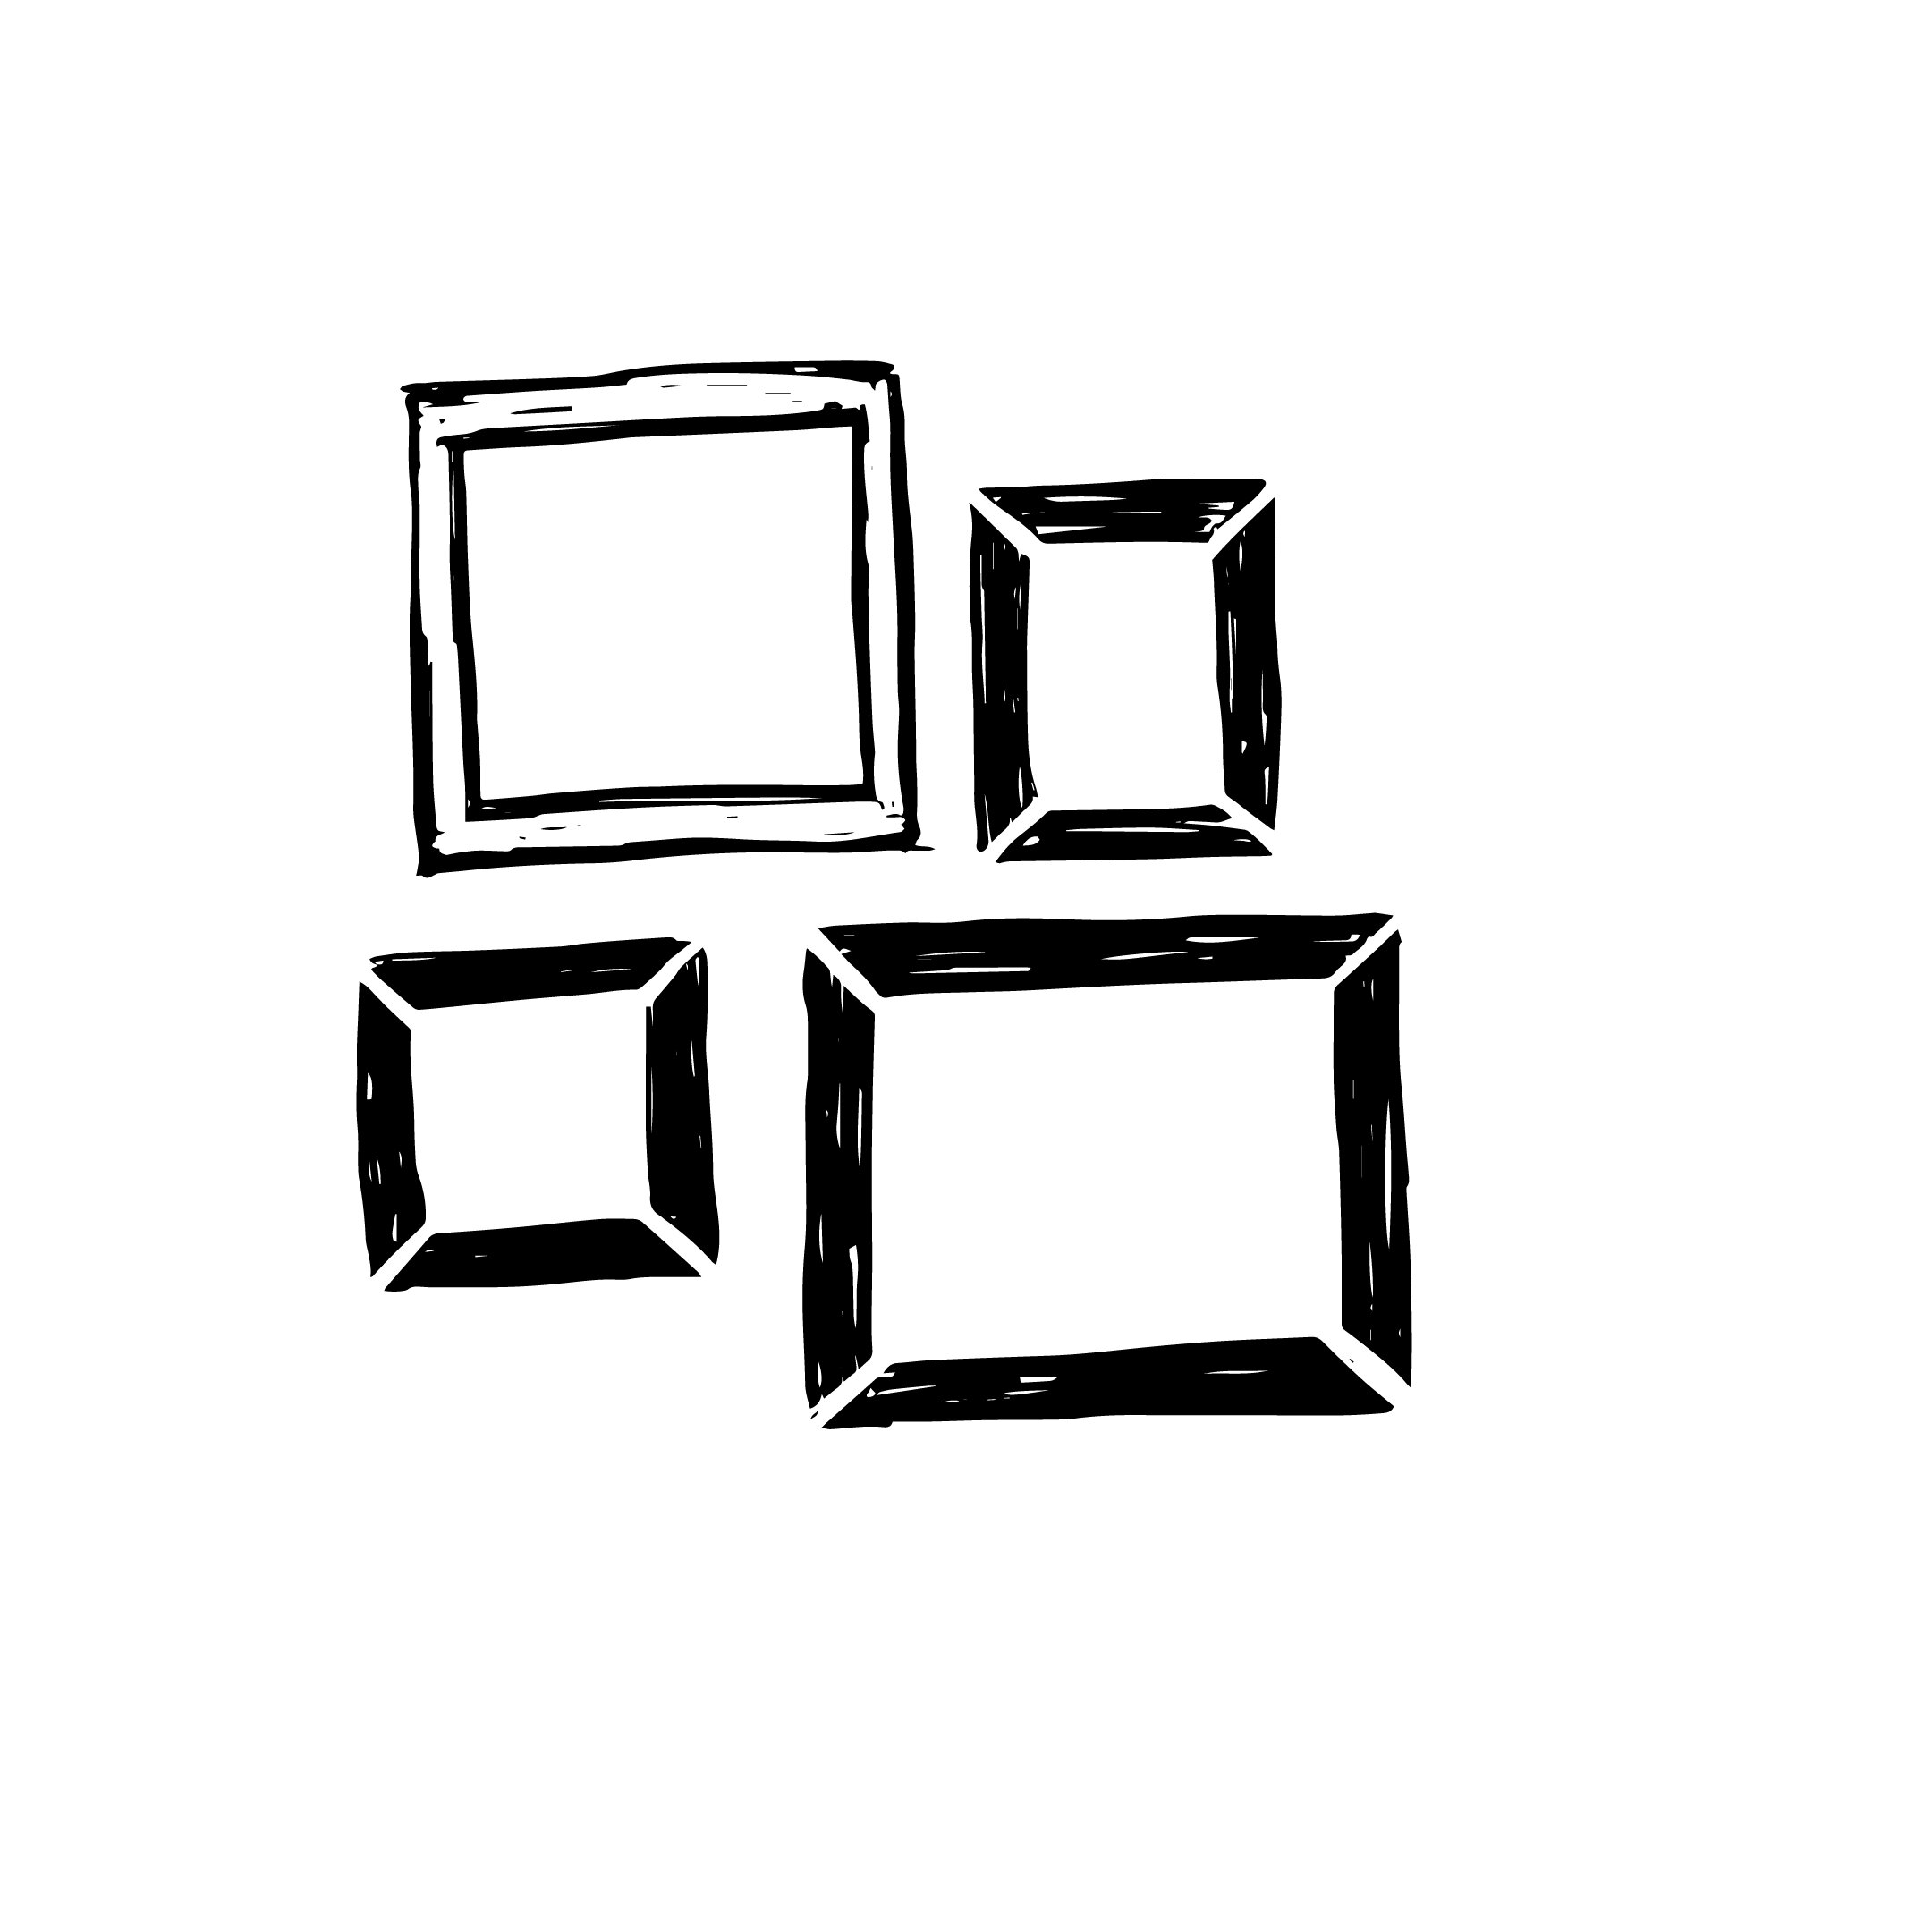 frames@2x-100.jpg